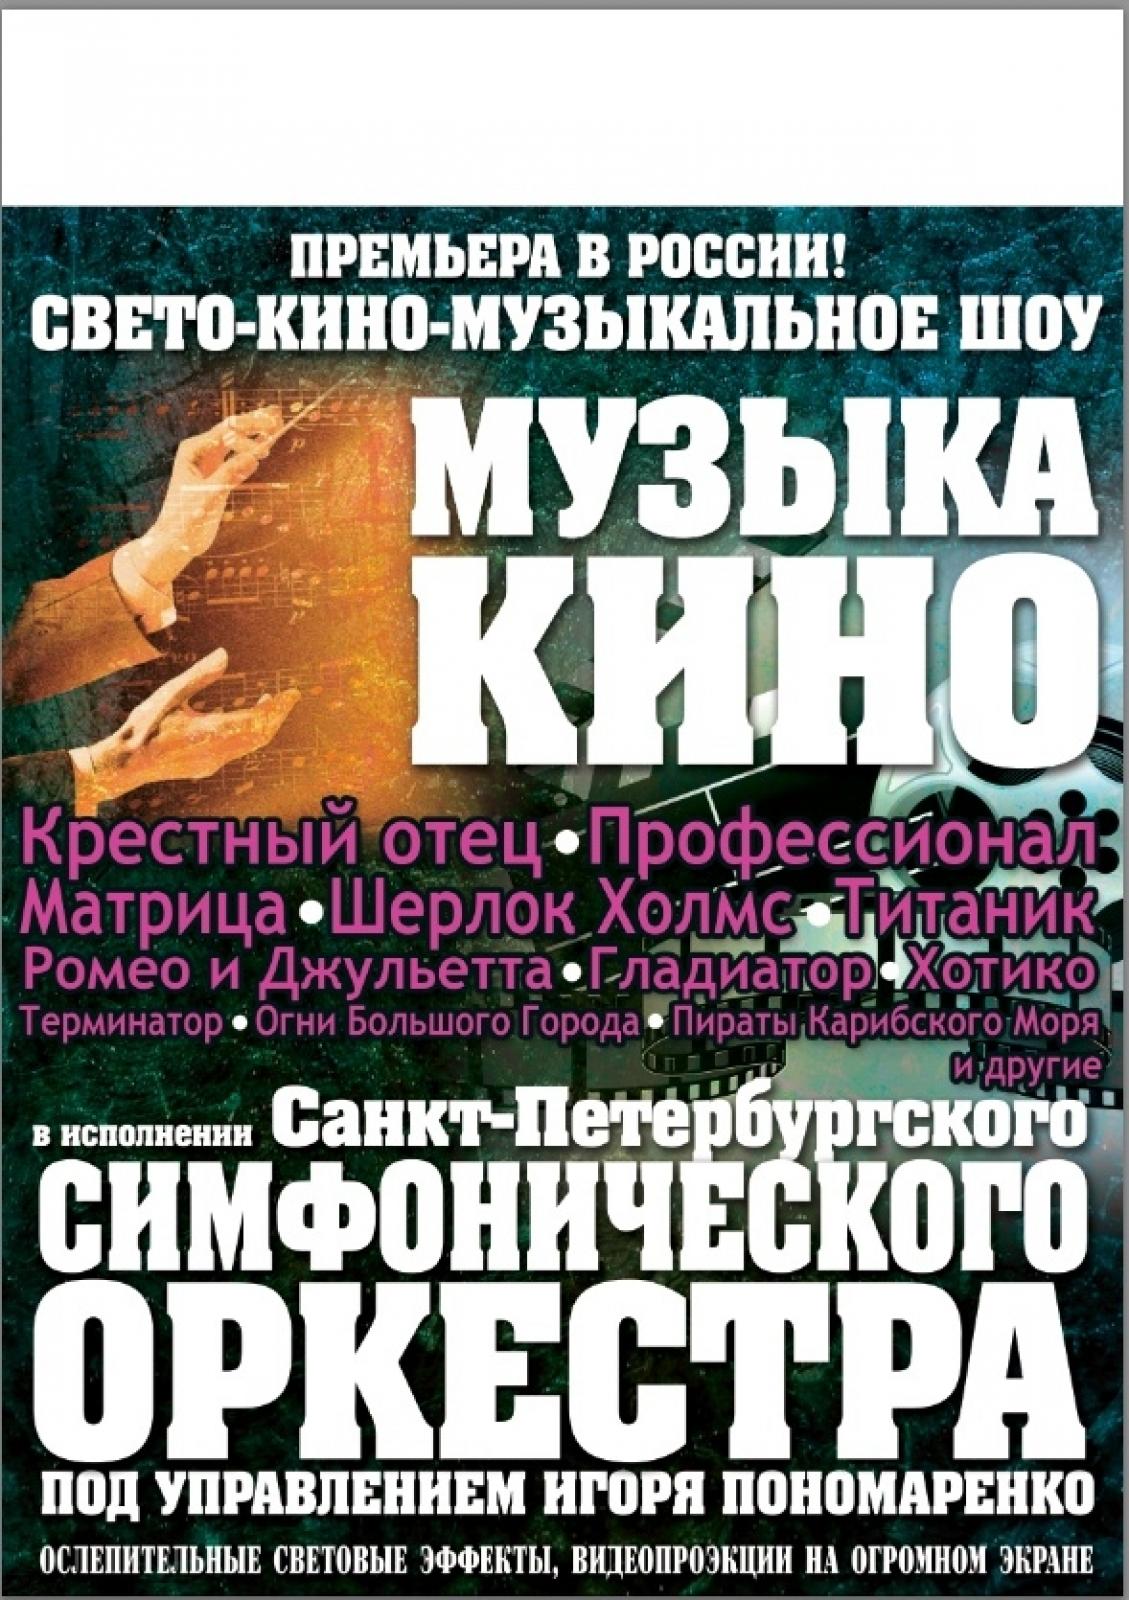 Санкт-Петербургский симфонический оркестр в ДК КТЗ